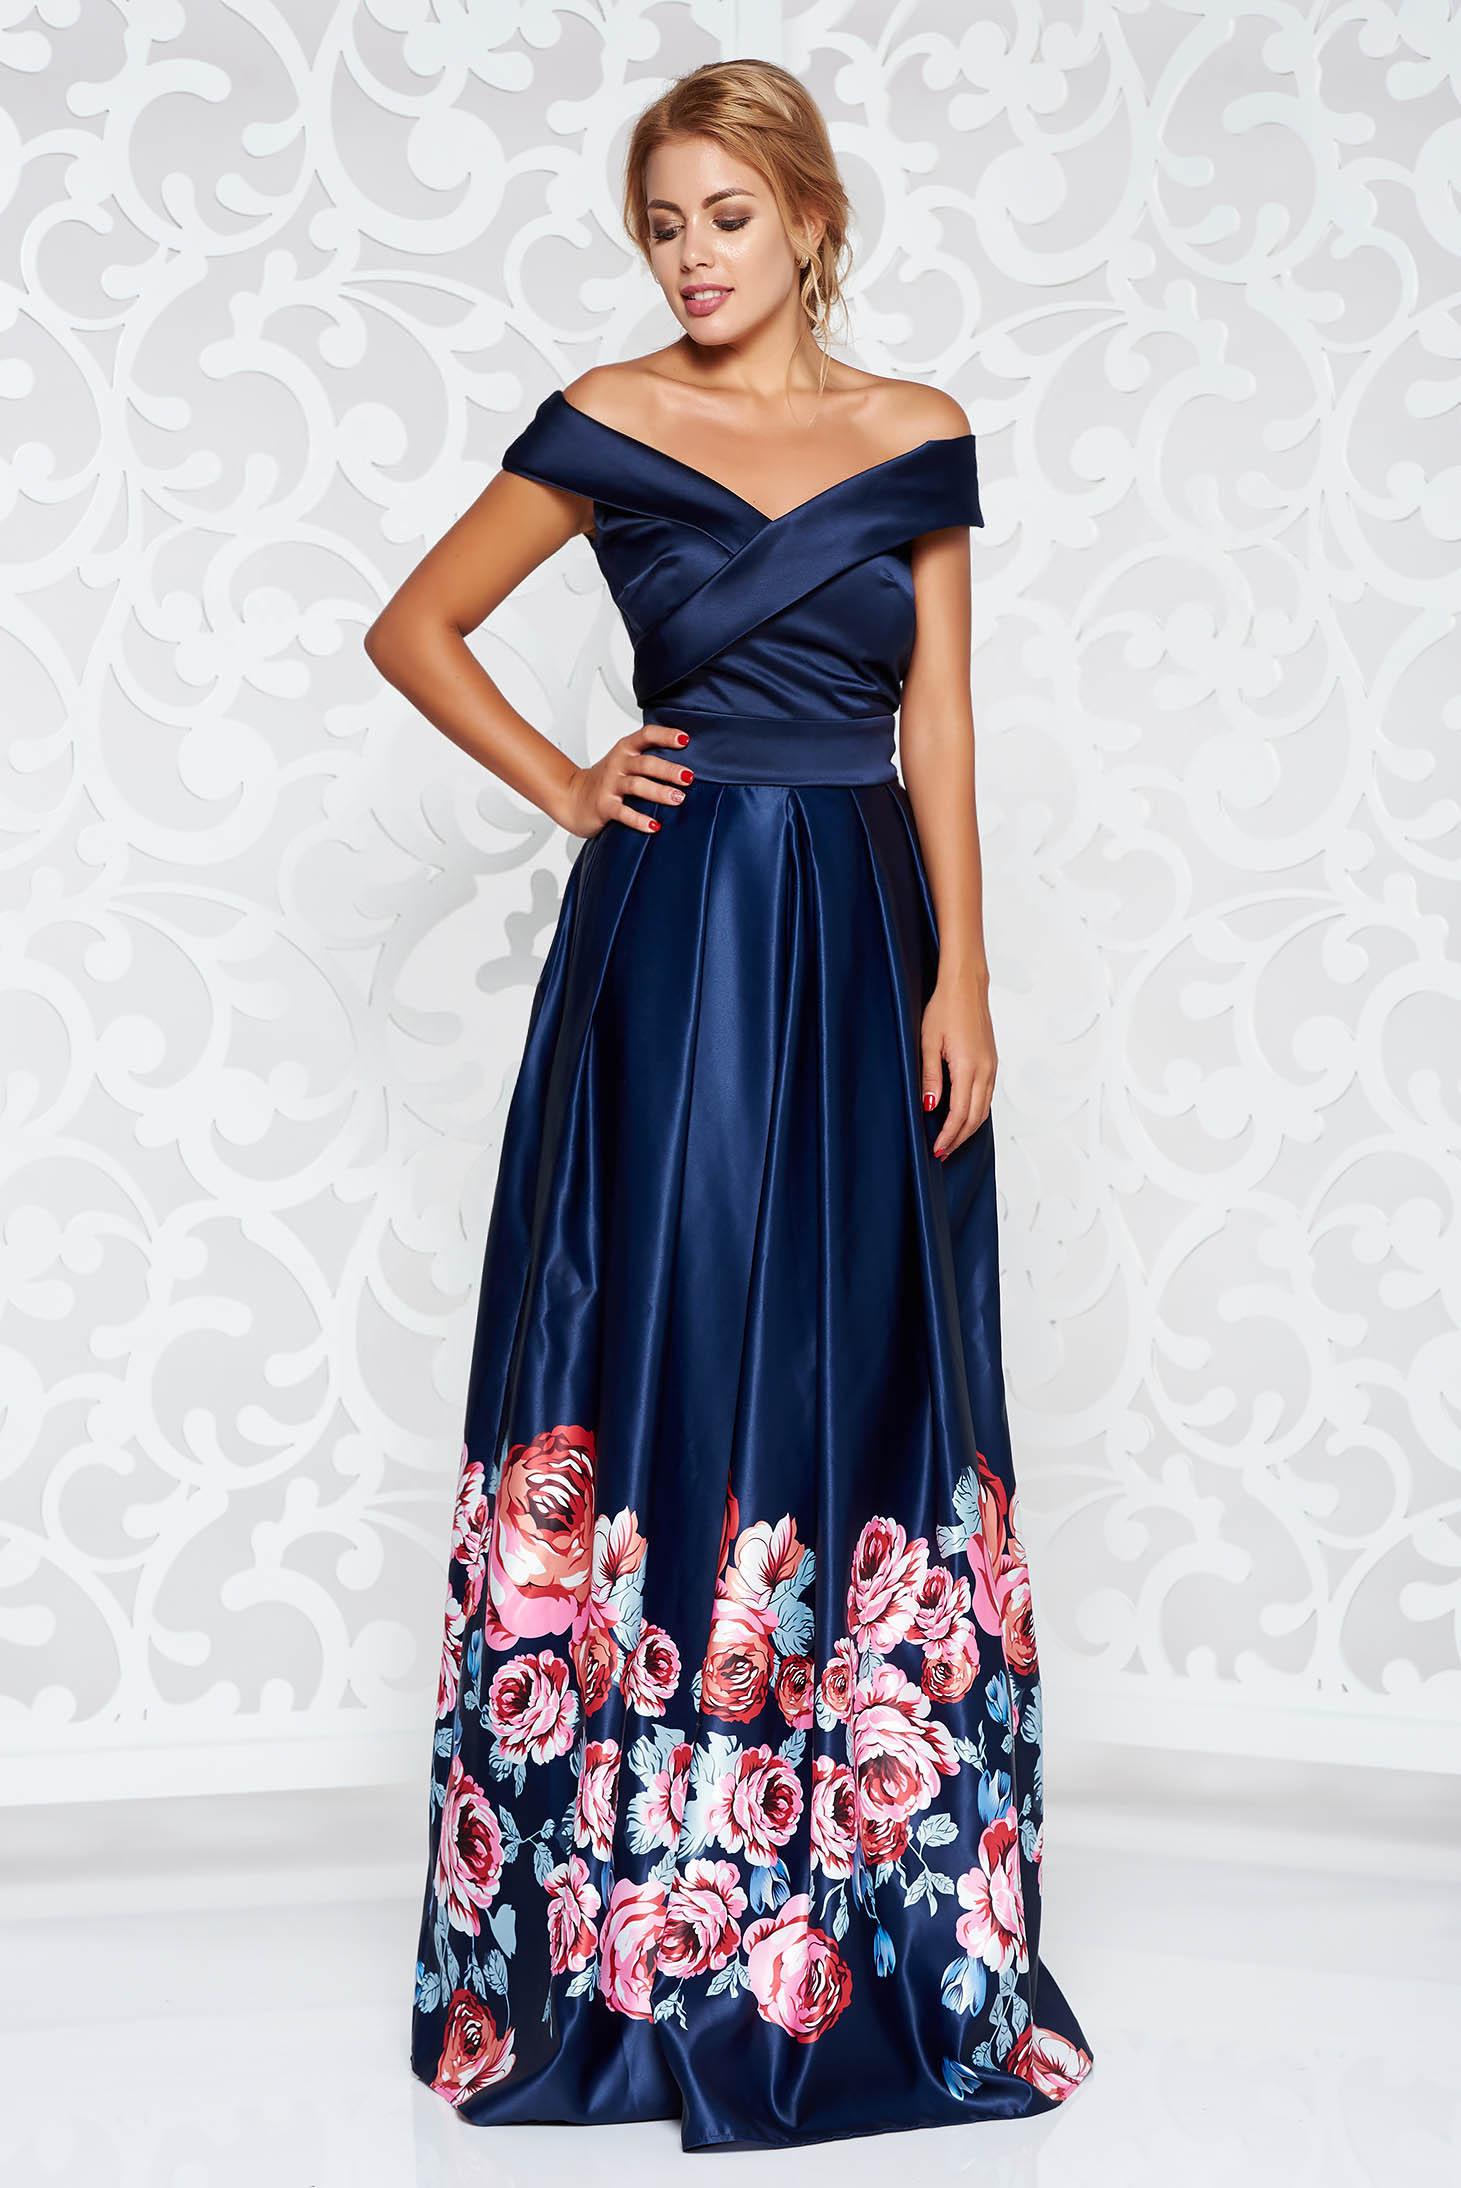 Kék Artista alkalmi ruha szatén anyagból virágmintás díszítéssel harang  váll nélküli c9e6031155